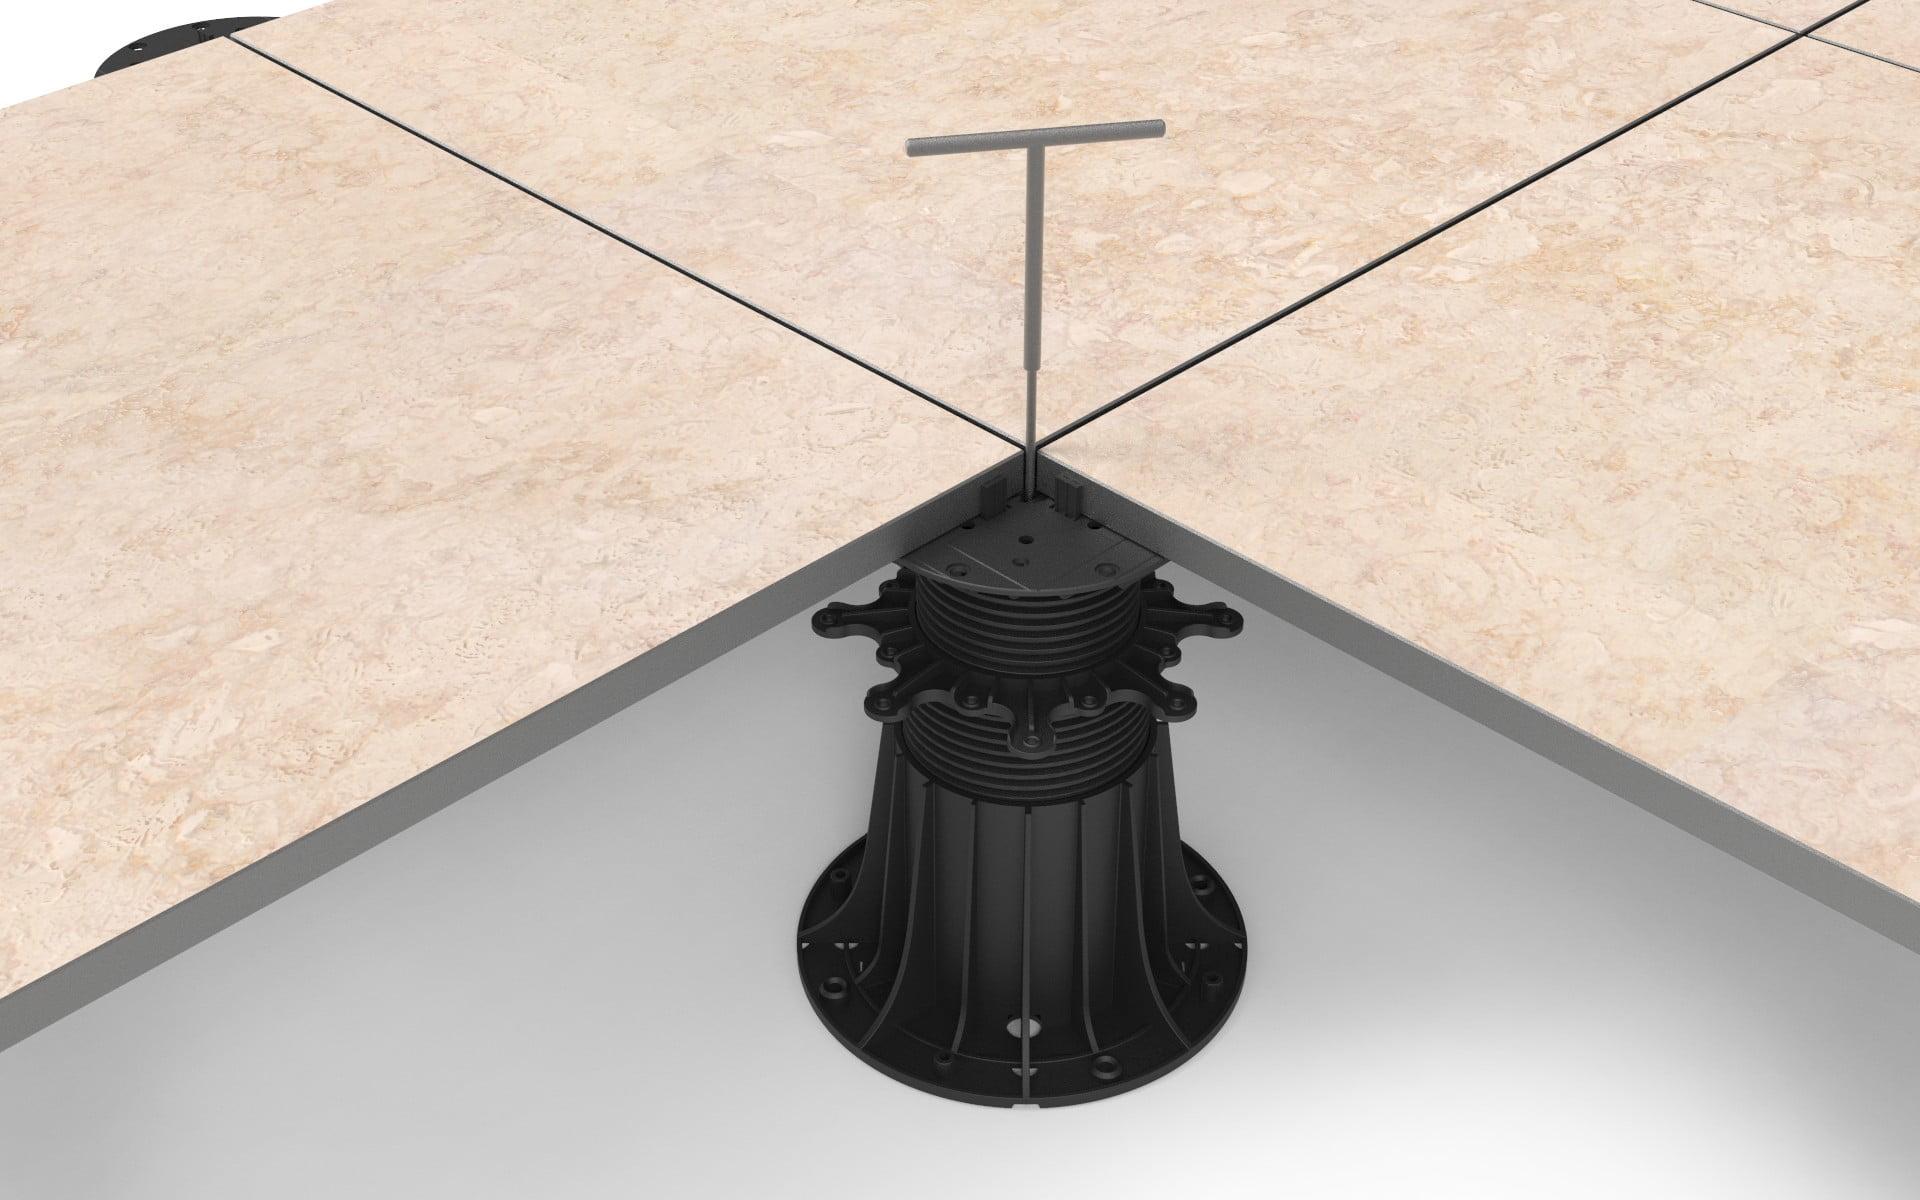 ajuste de altura de las tablas en los soportes después de la instalación de la terraza